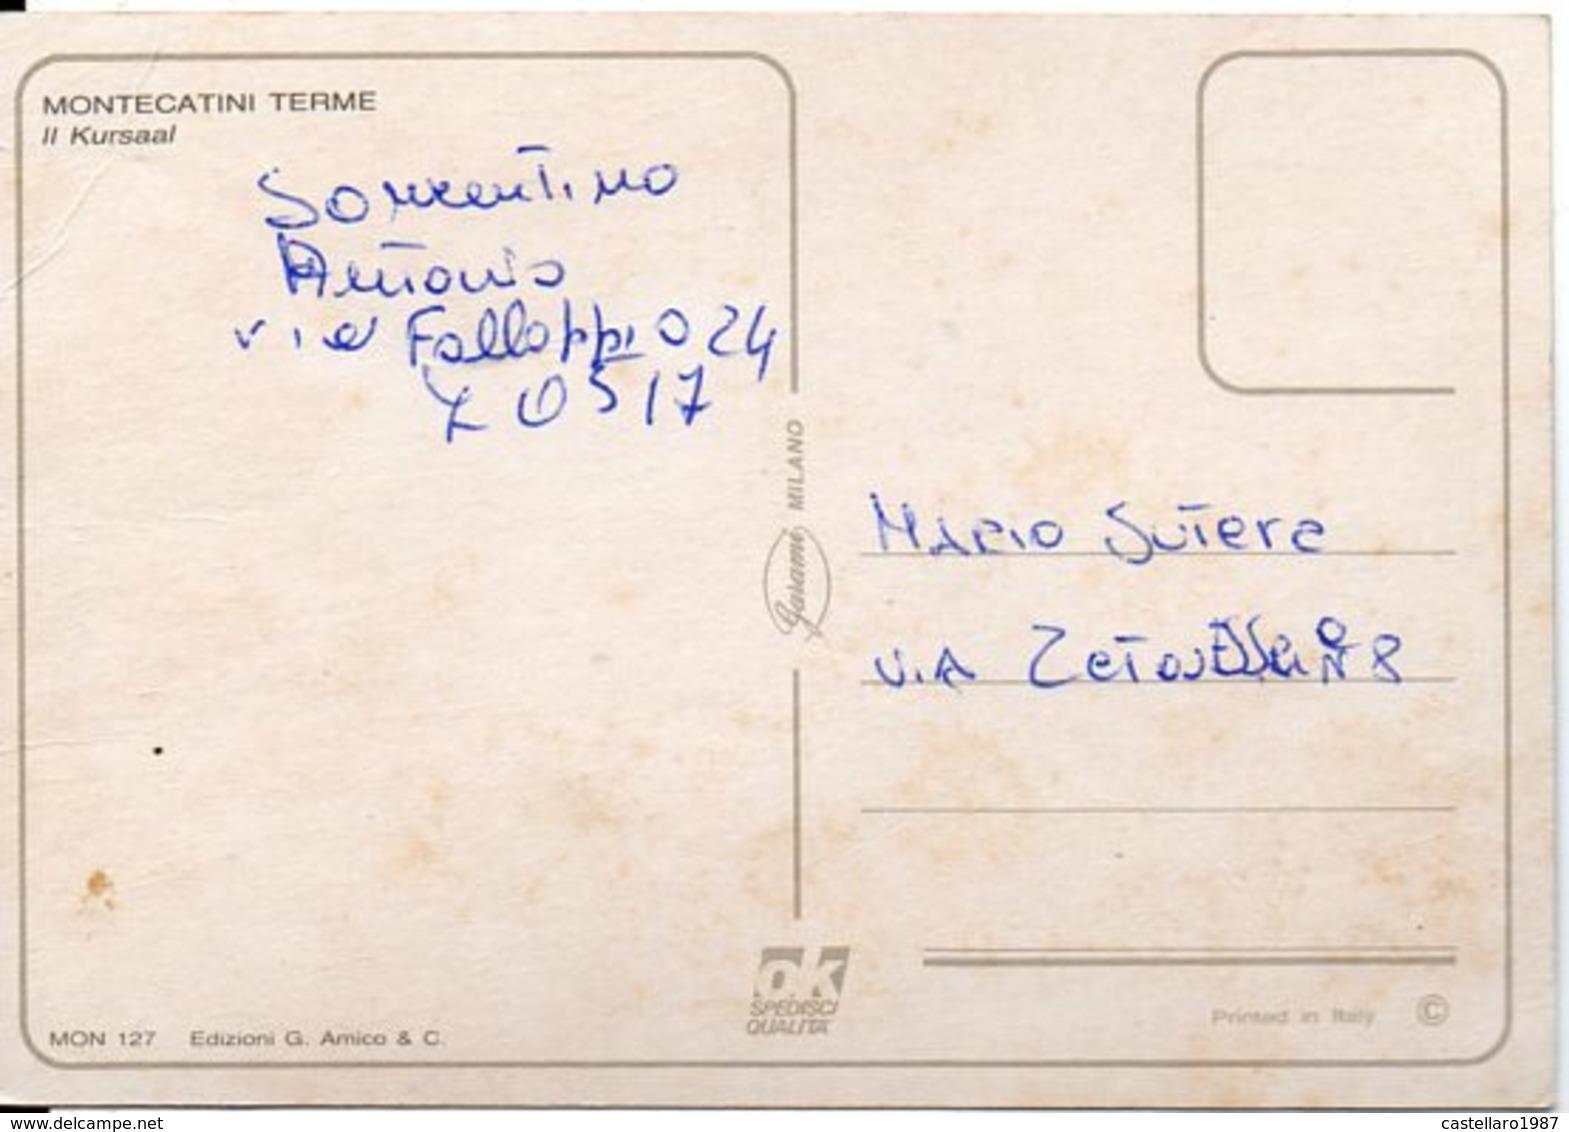 MONTECATINI TERME - Il Kursaal - Italia